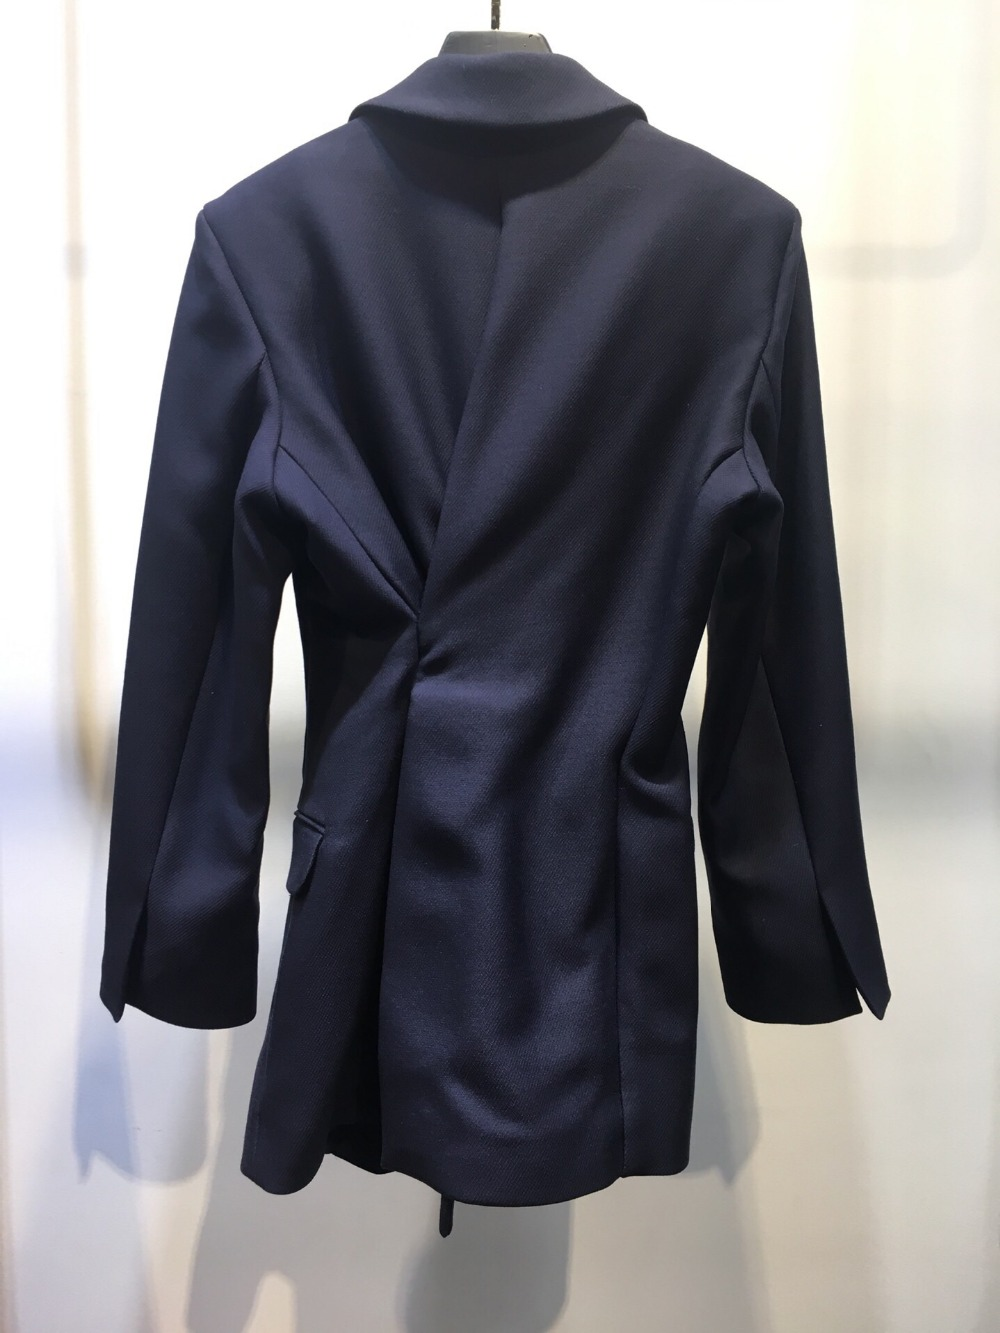 Ddxgz3 2018 Slim Femmes Blazer Manteau Vainqueur Nouvelle qBqRwzY